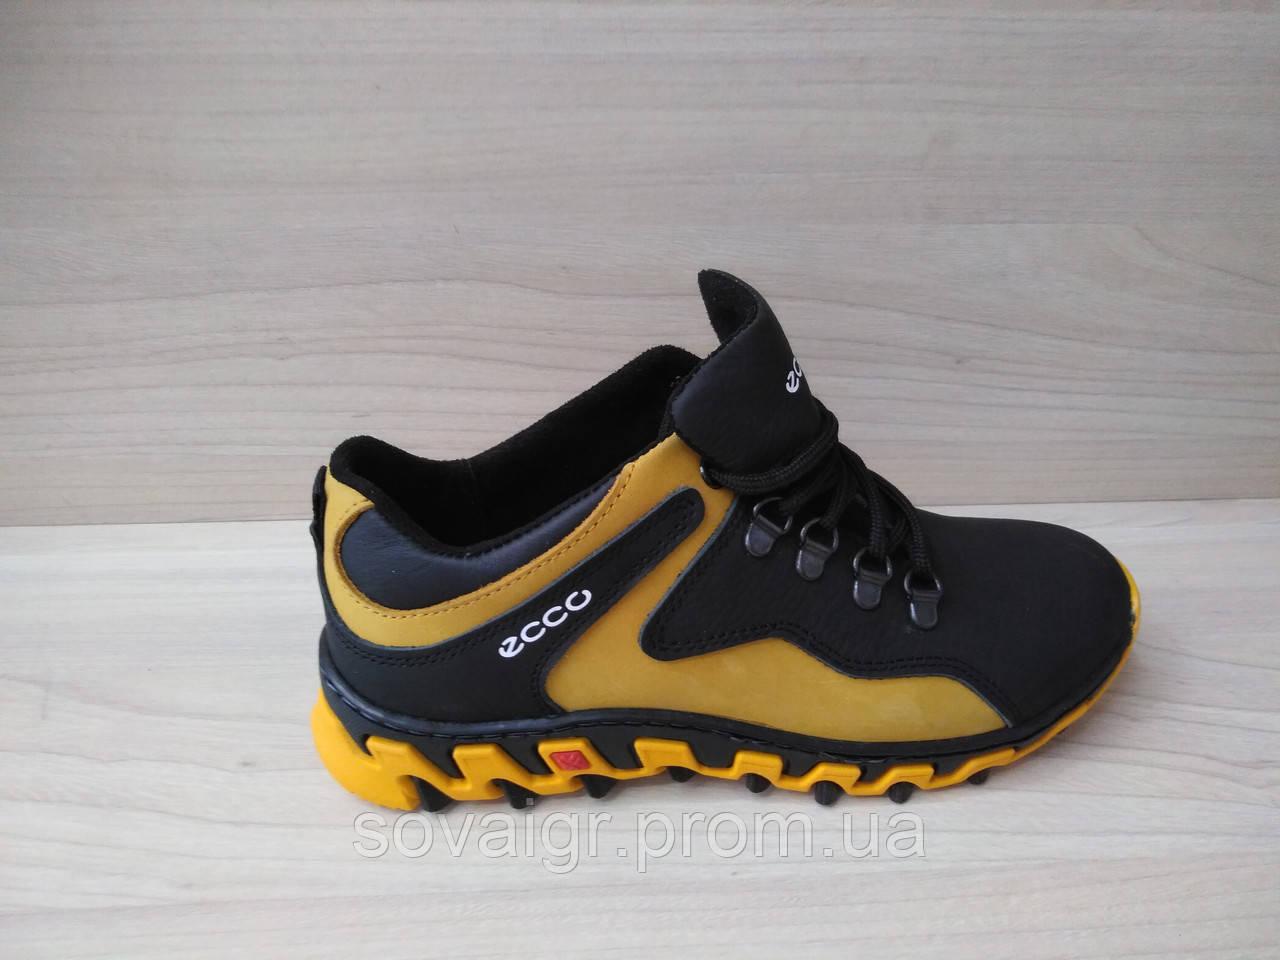 Подростковые натуральные демисезонные кроссовки Ecco (реплика)